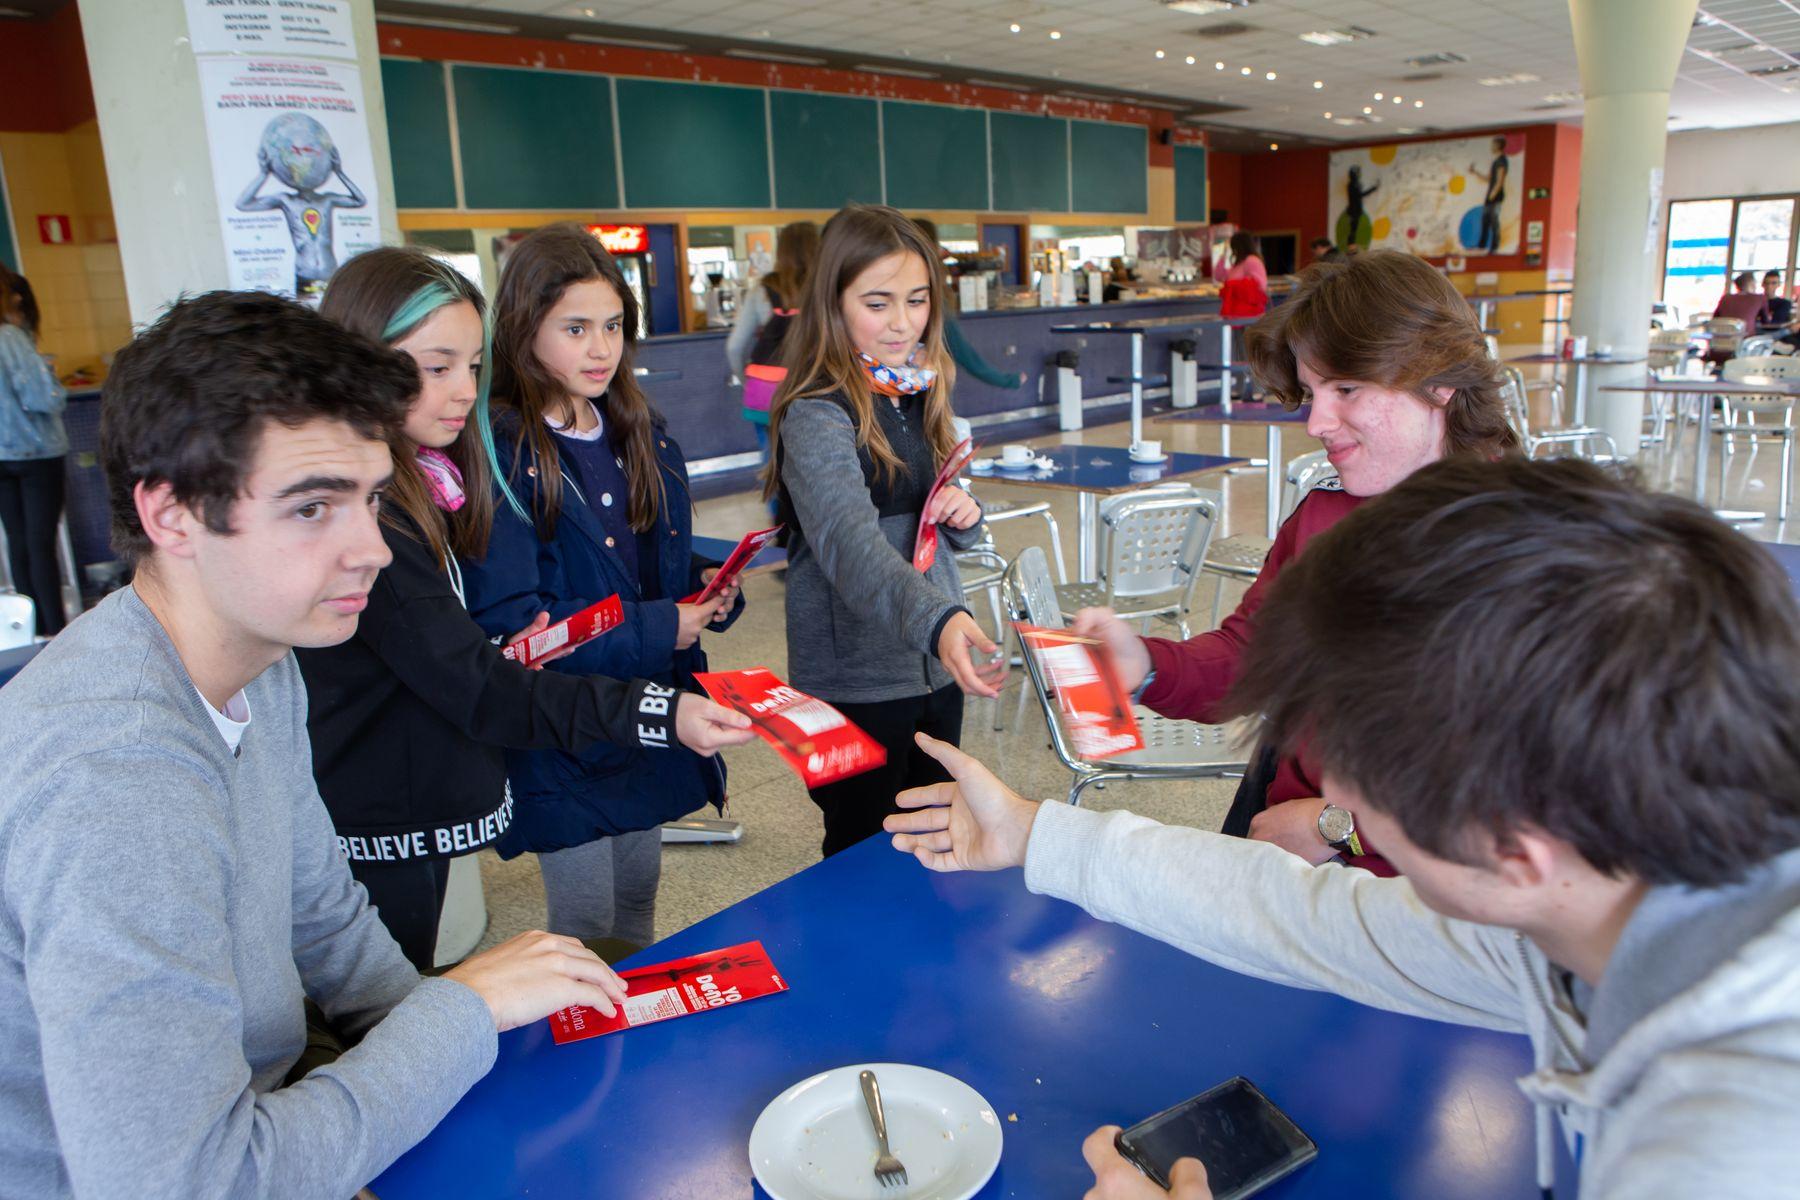 Estudiantes de Primaria entregan un folleto sobre donación de sangre a alumnos universitarios en una de las cafeterías del campus de Arrosadia.